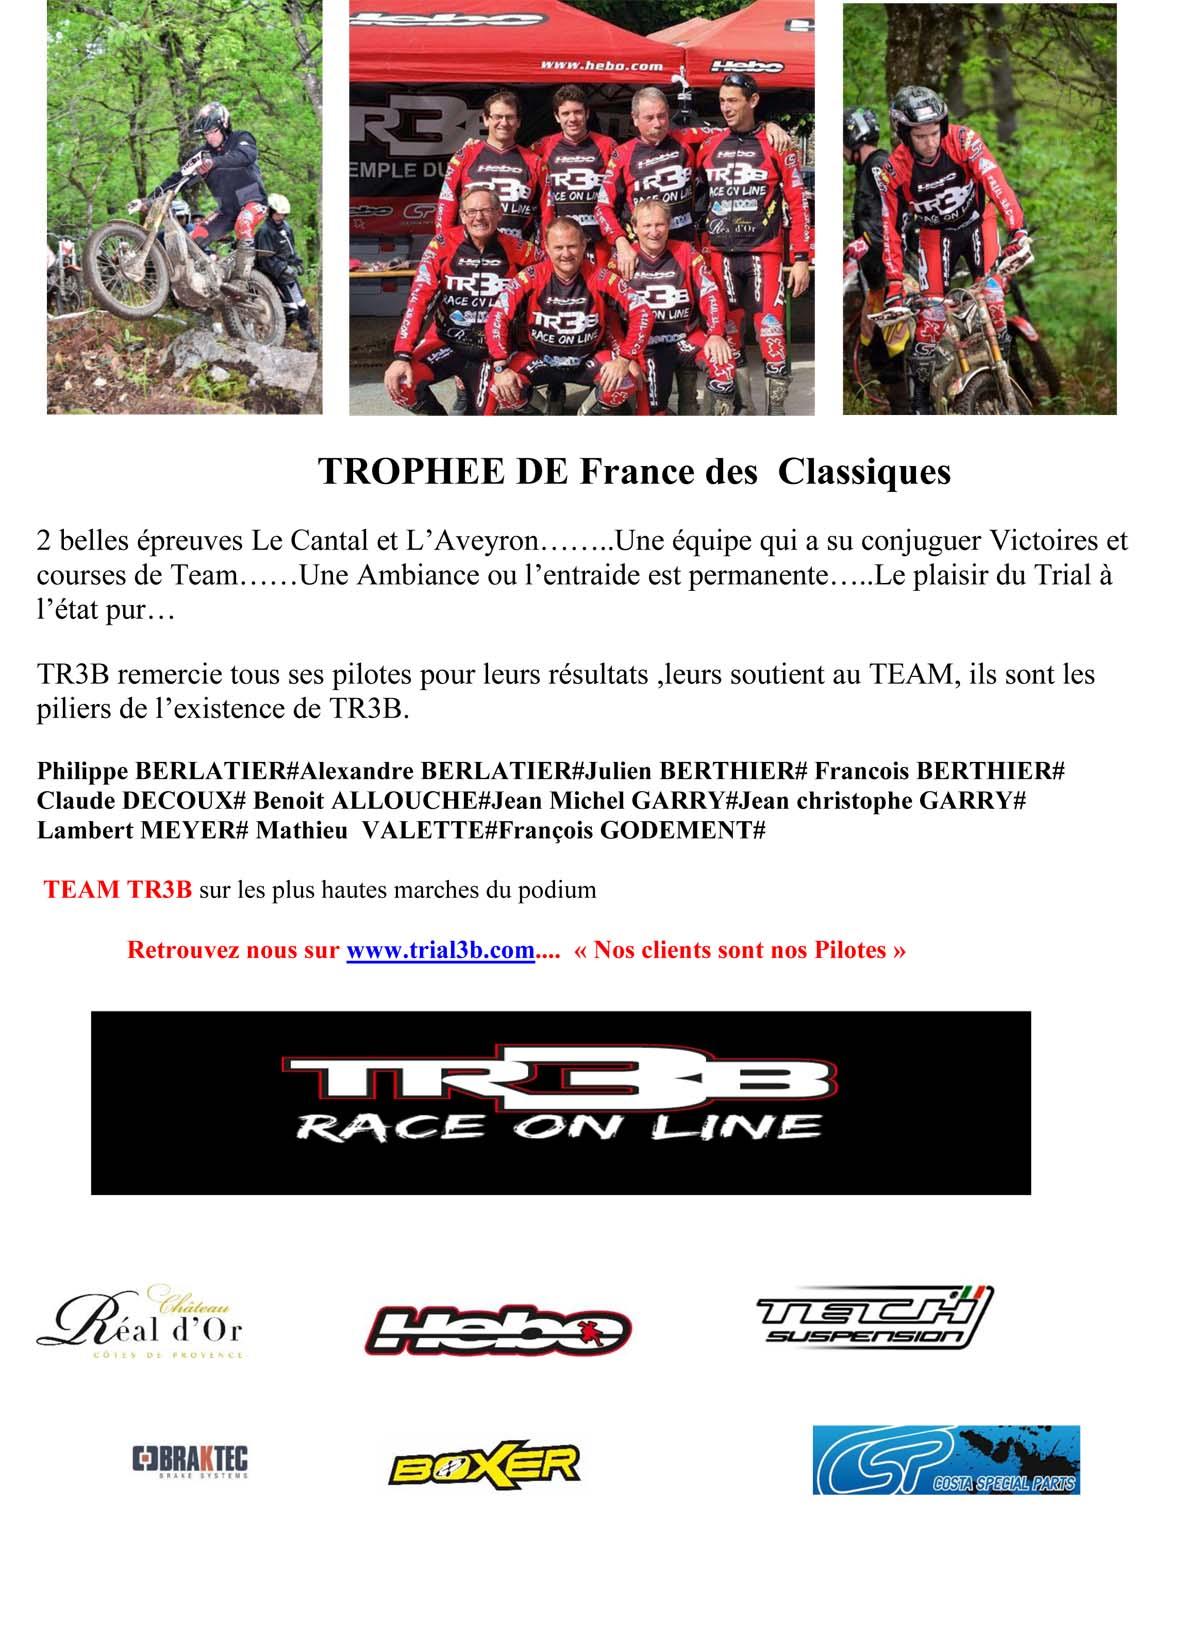 communique_championnat_de_france_des_classiques.jpg